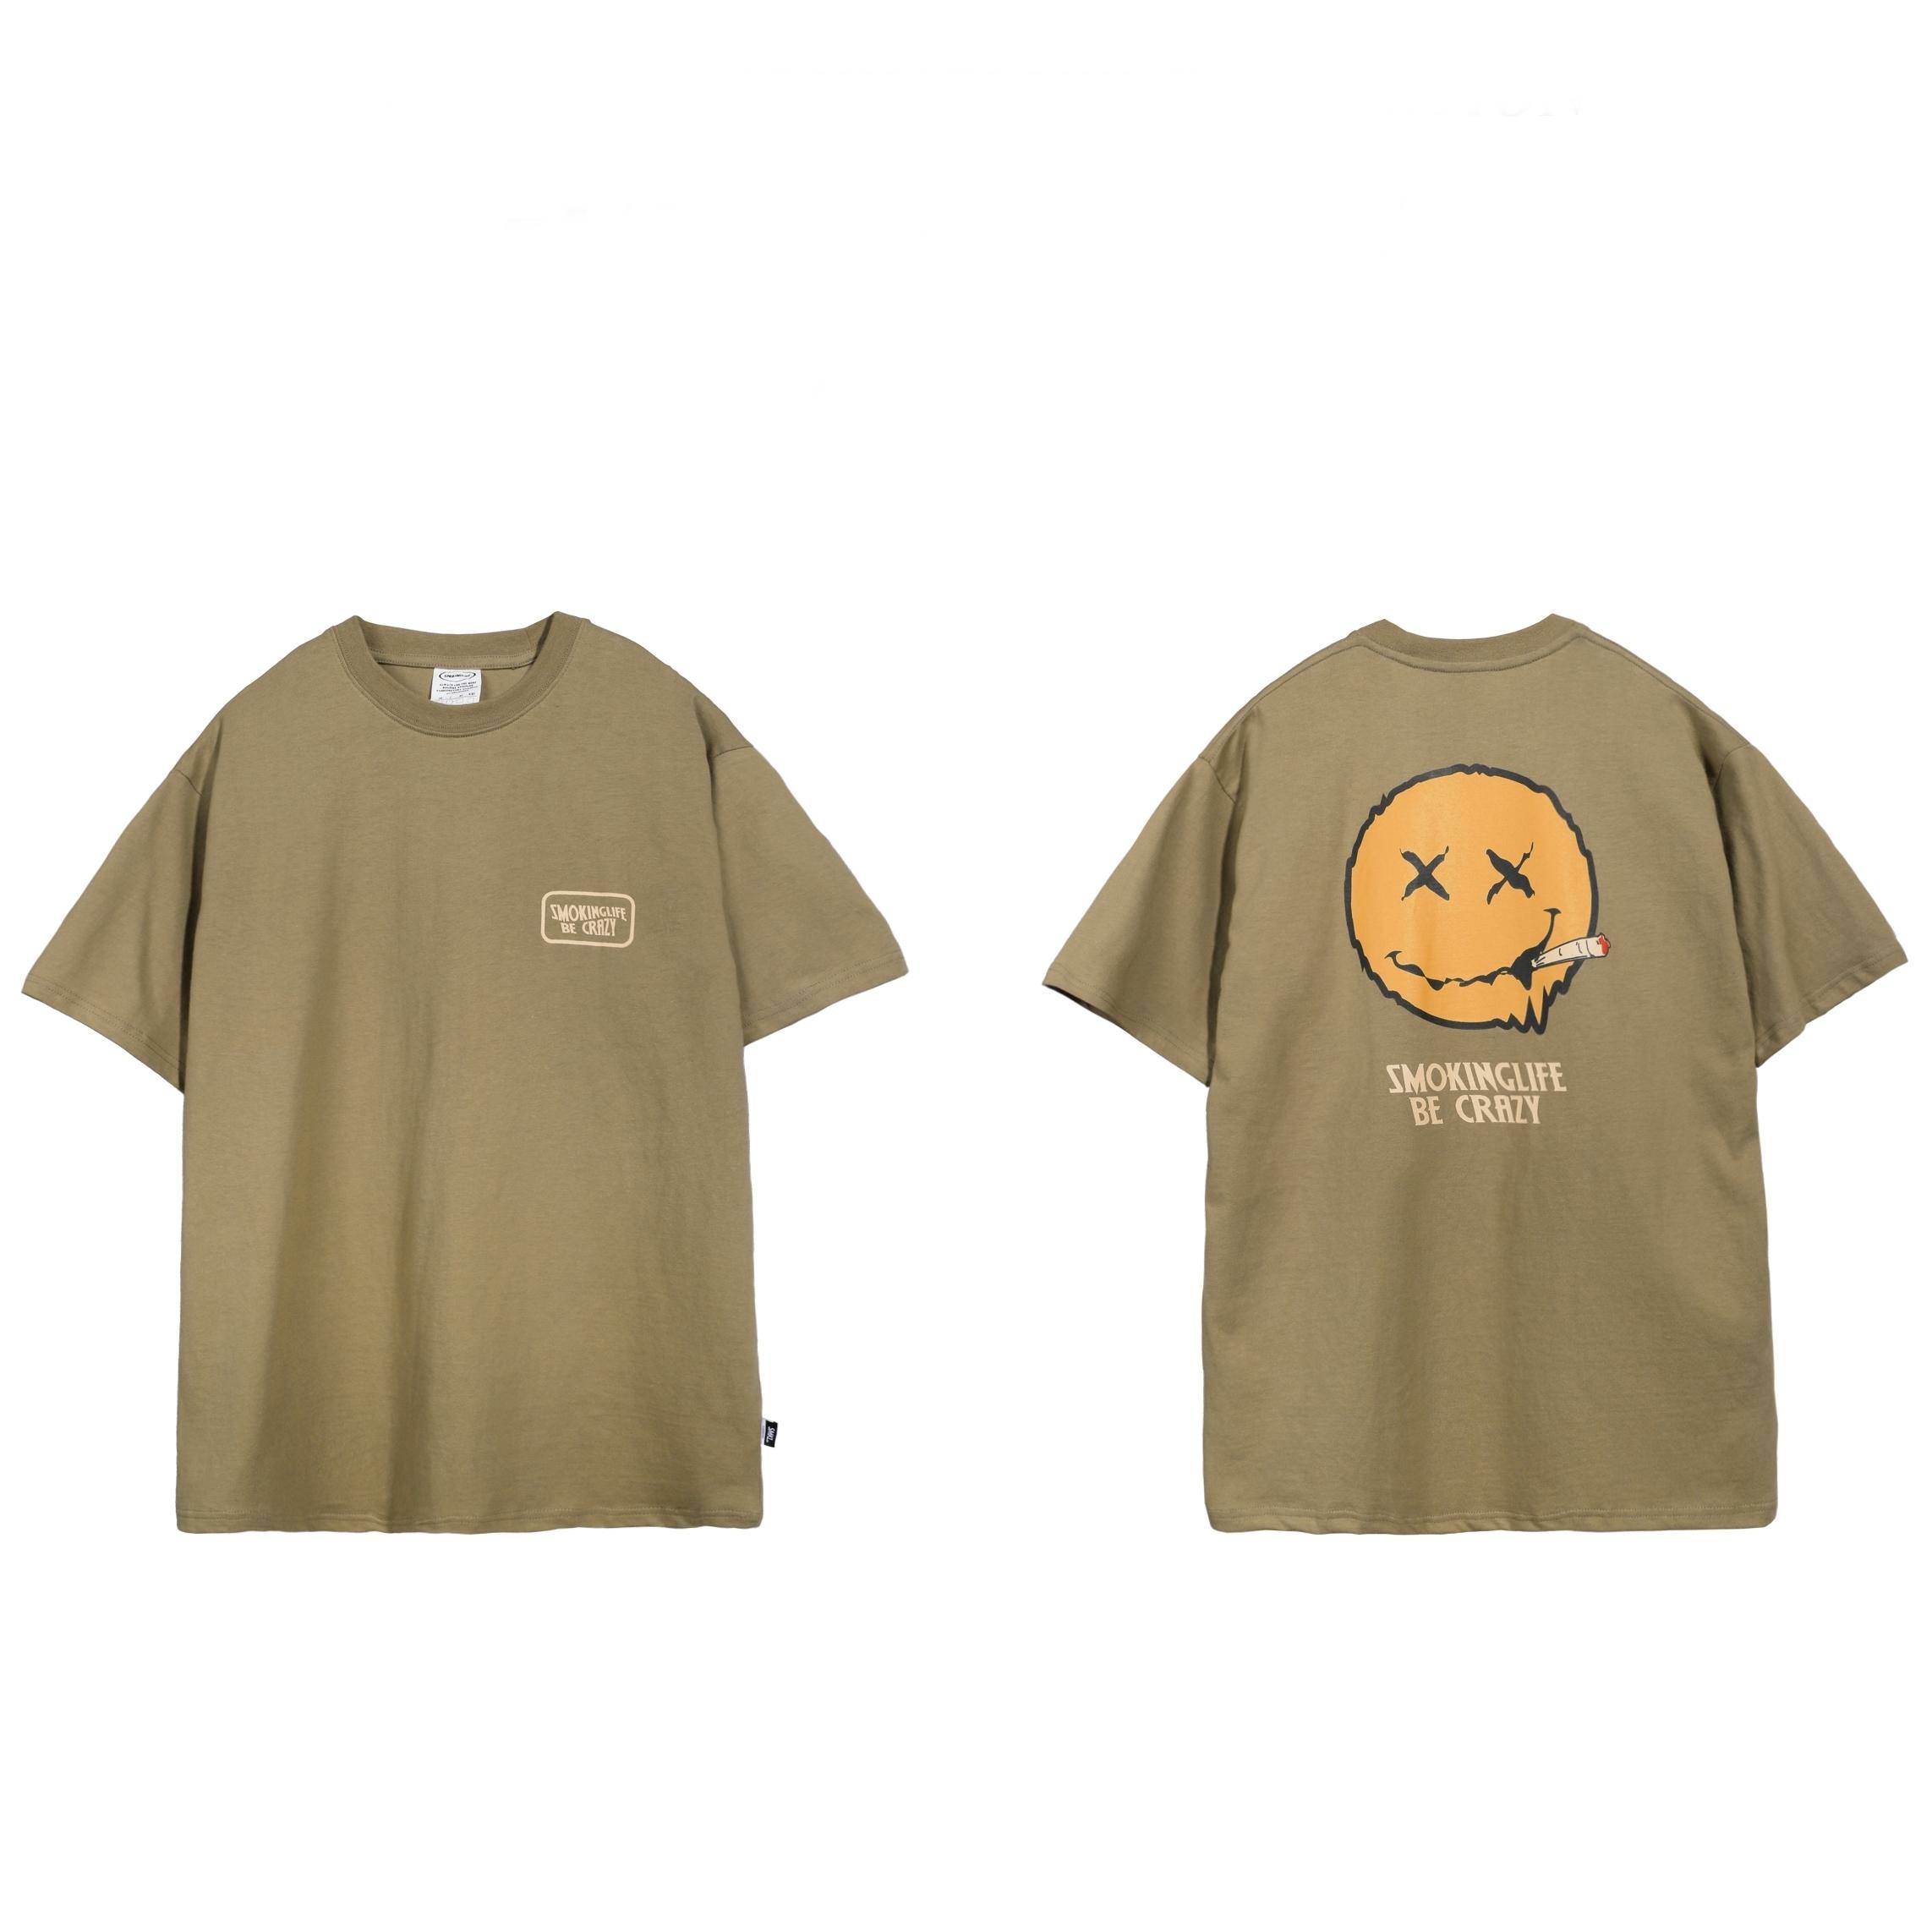 カジュアル ショートスリーブ 半袖 Tシャツ 【UNISEX/4colors】